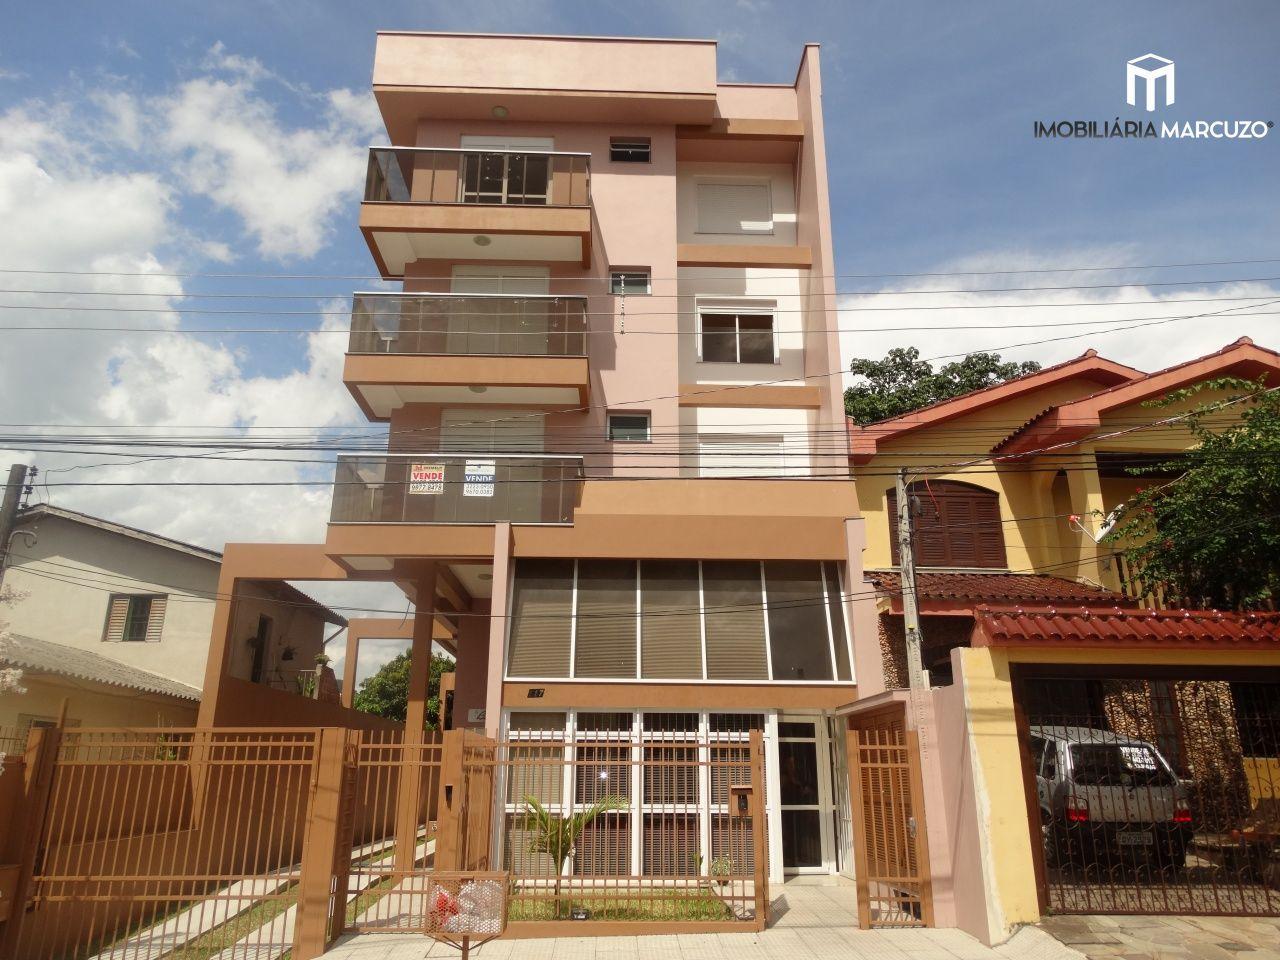 Apartamento com 3 Dormitórios à venda, 91 m² por R$ 370.000,00